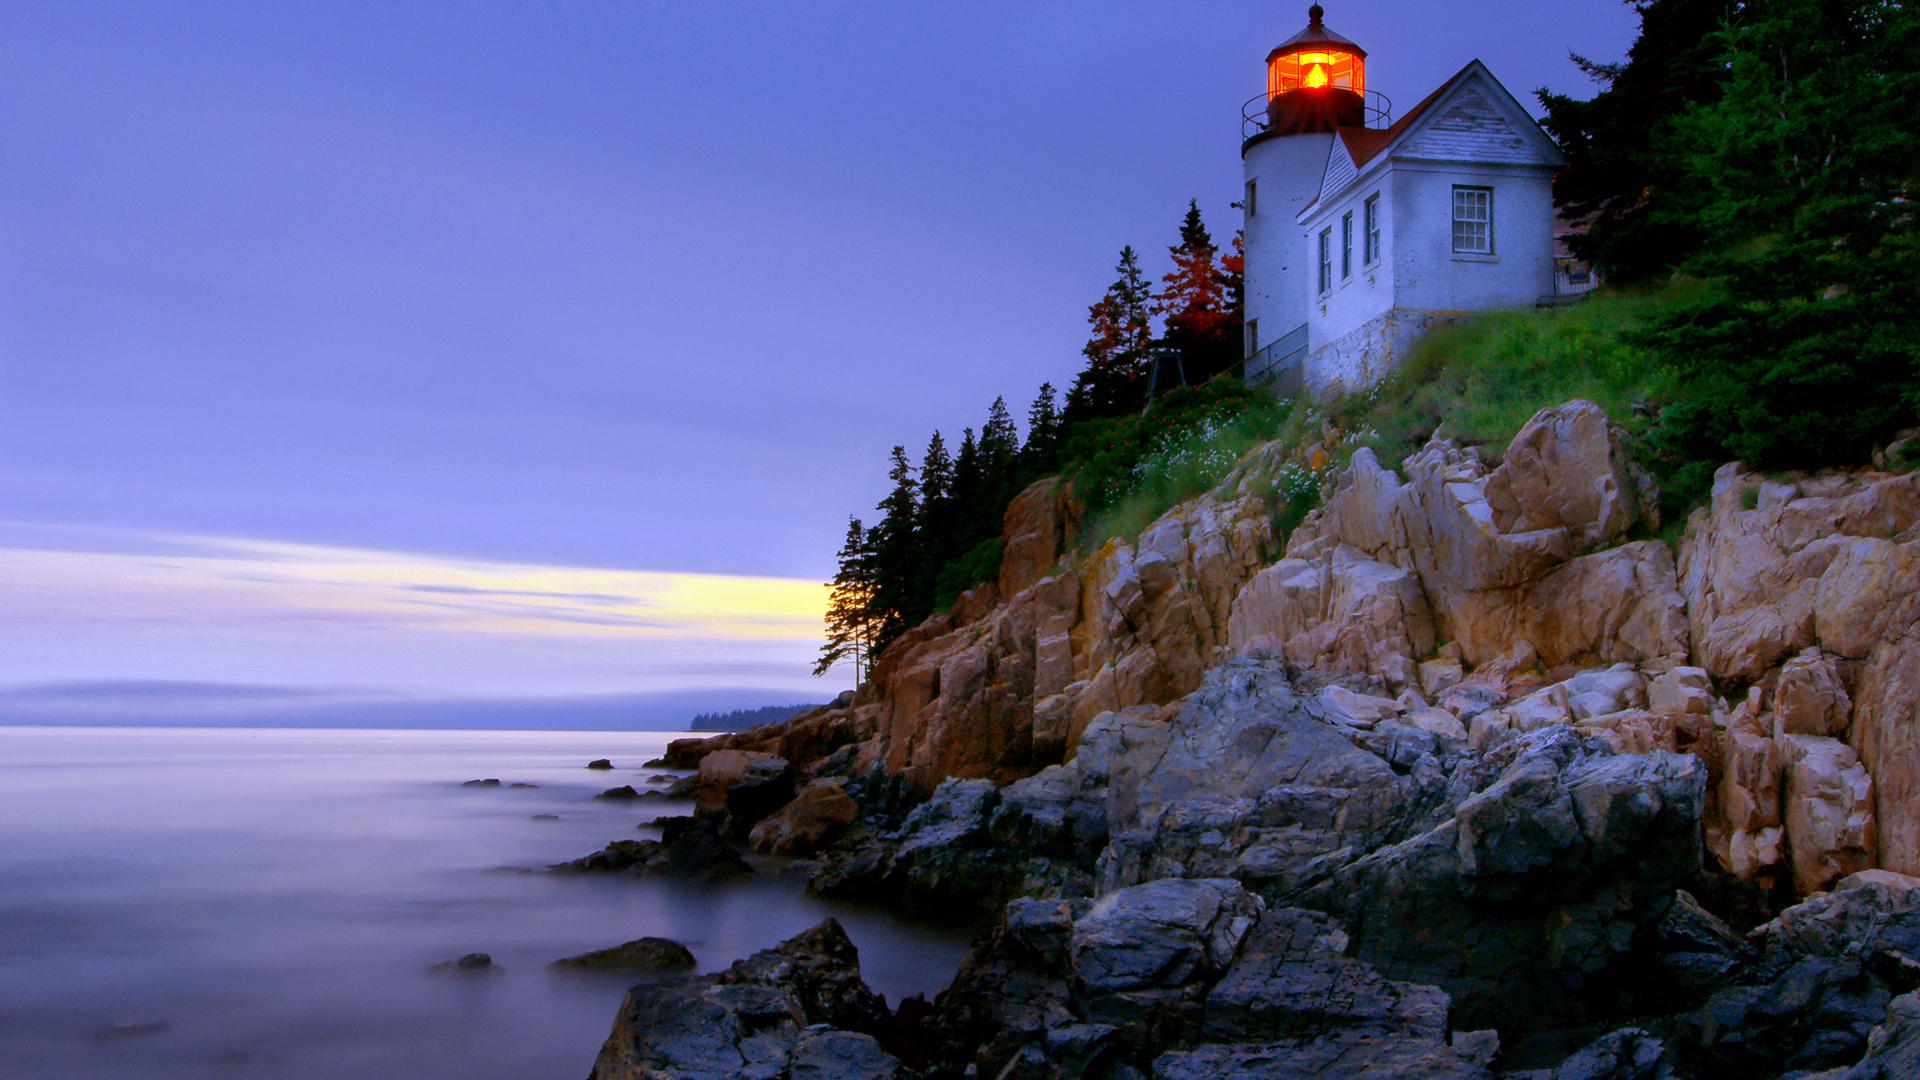 lighthouse desktop wallpaper 7900 - photo #33